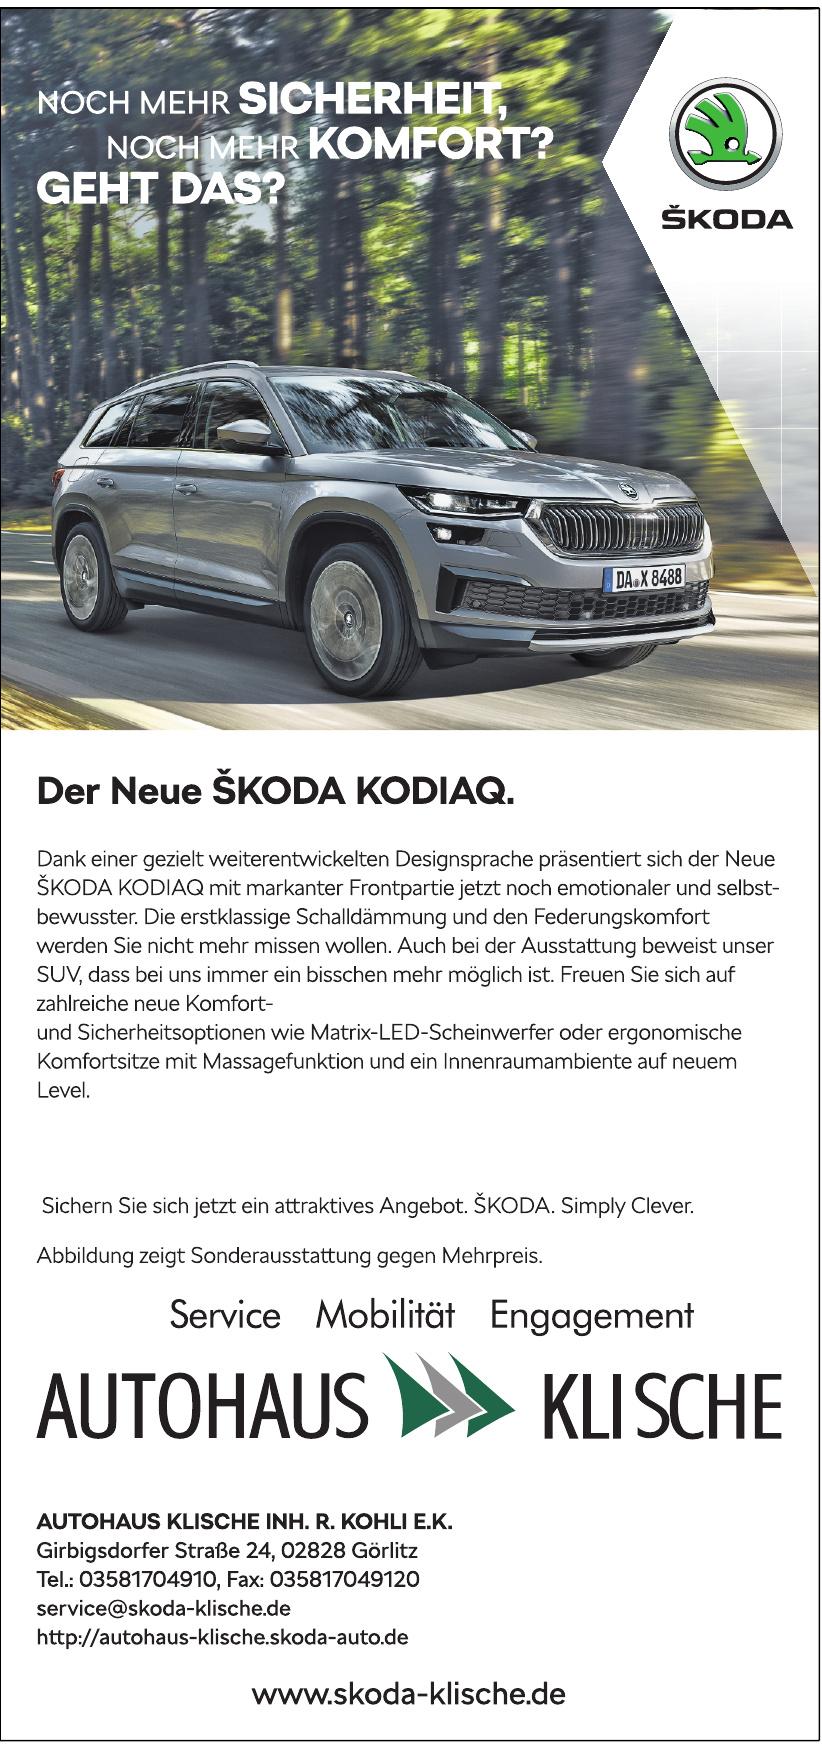 Autohaus Klische Inh. R. Kohli E.K.